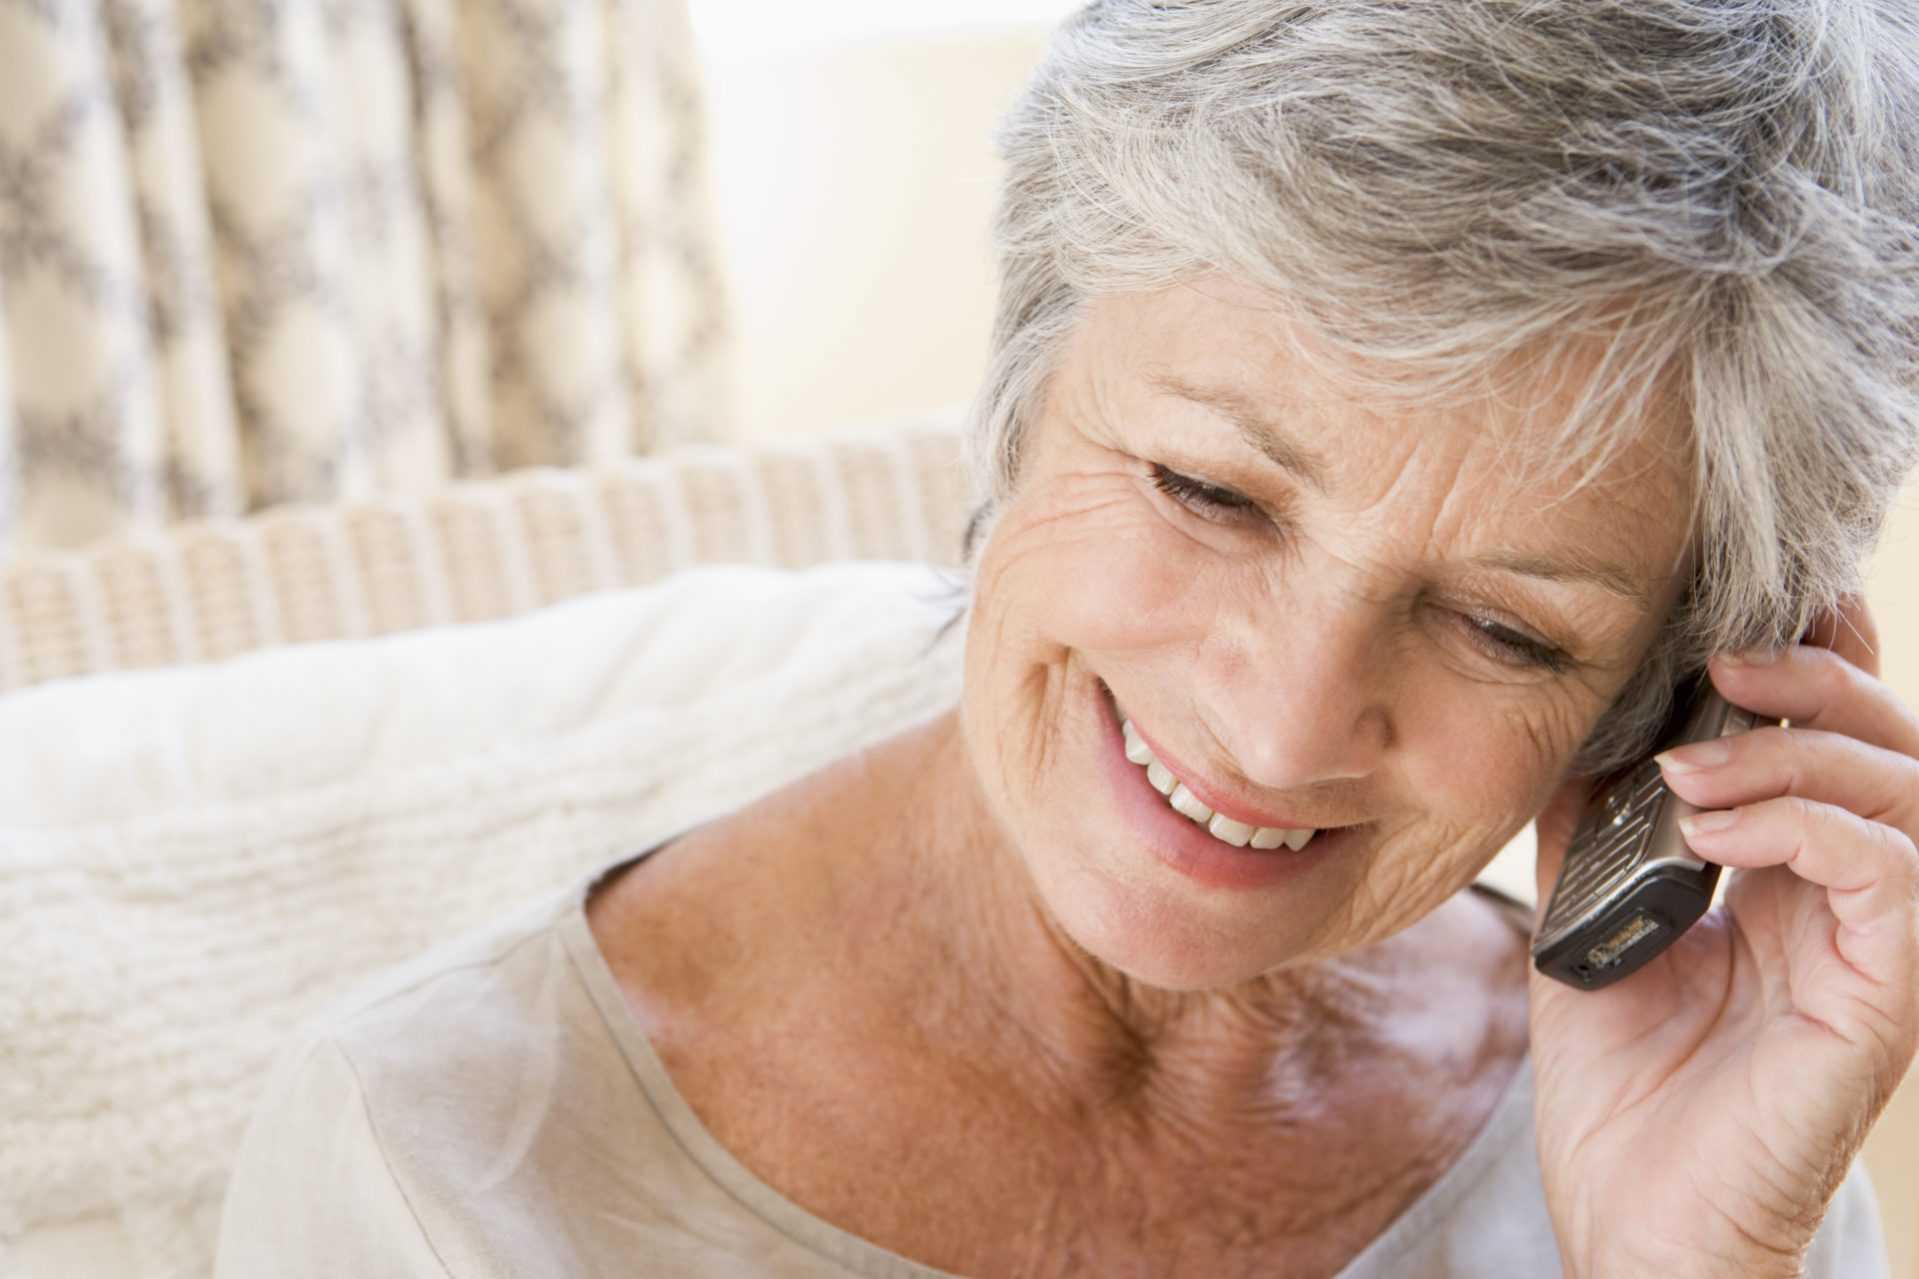 тариф теле2 для пенсионеров